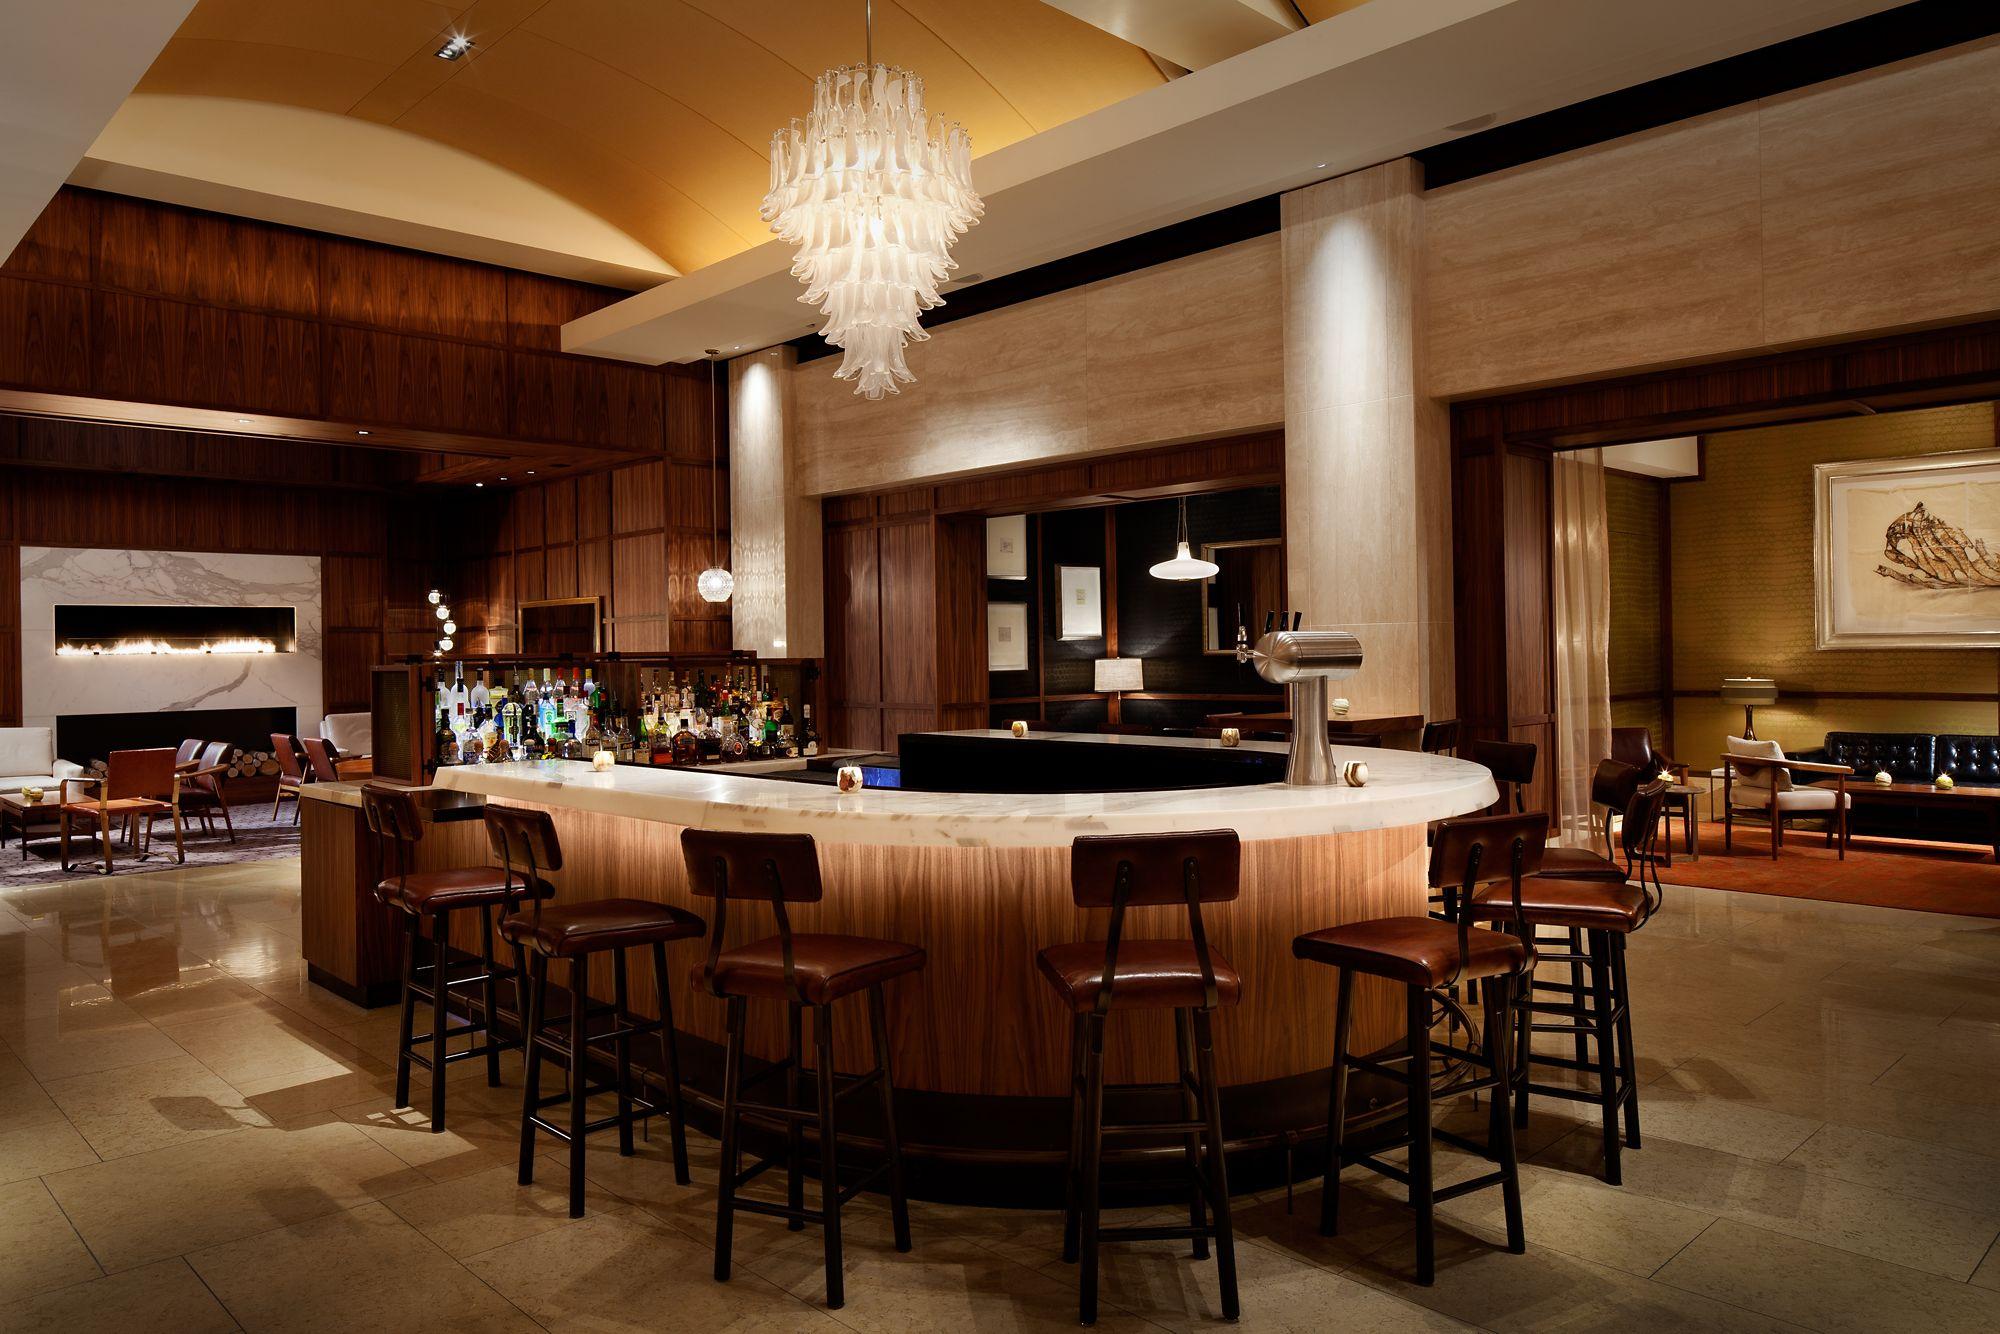 The Ritz-Carlton, Boston image 5